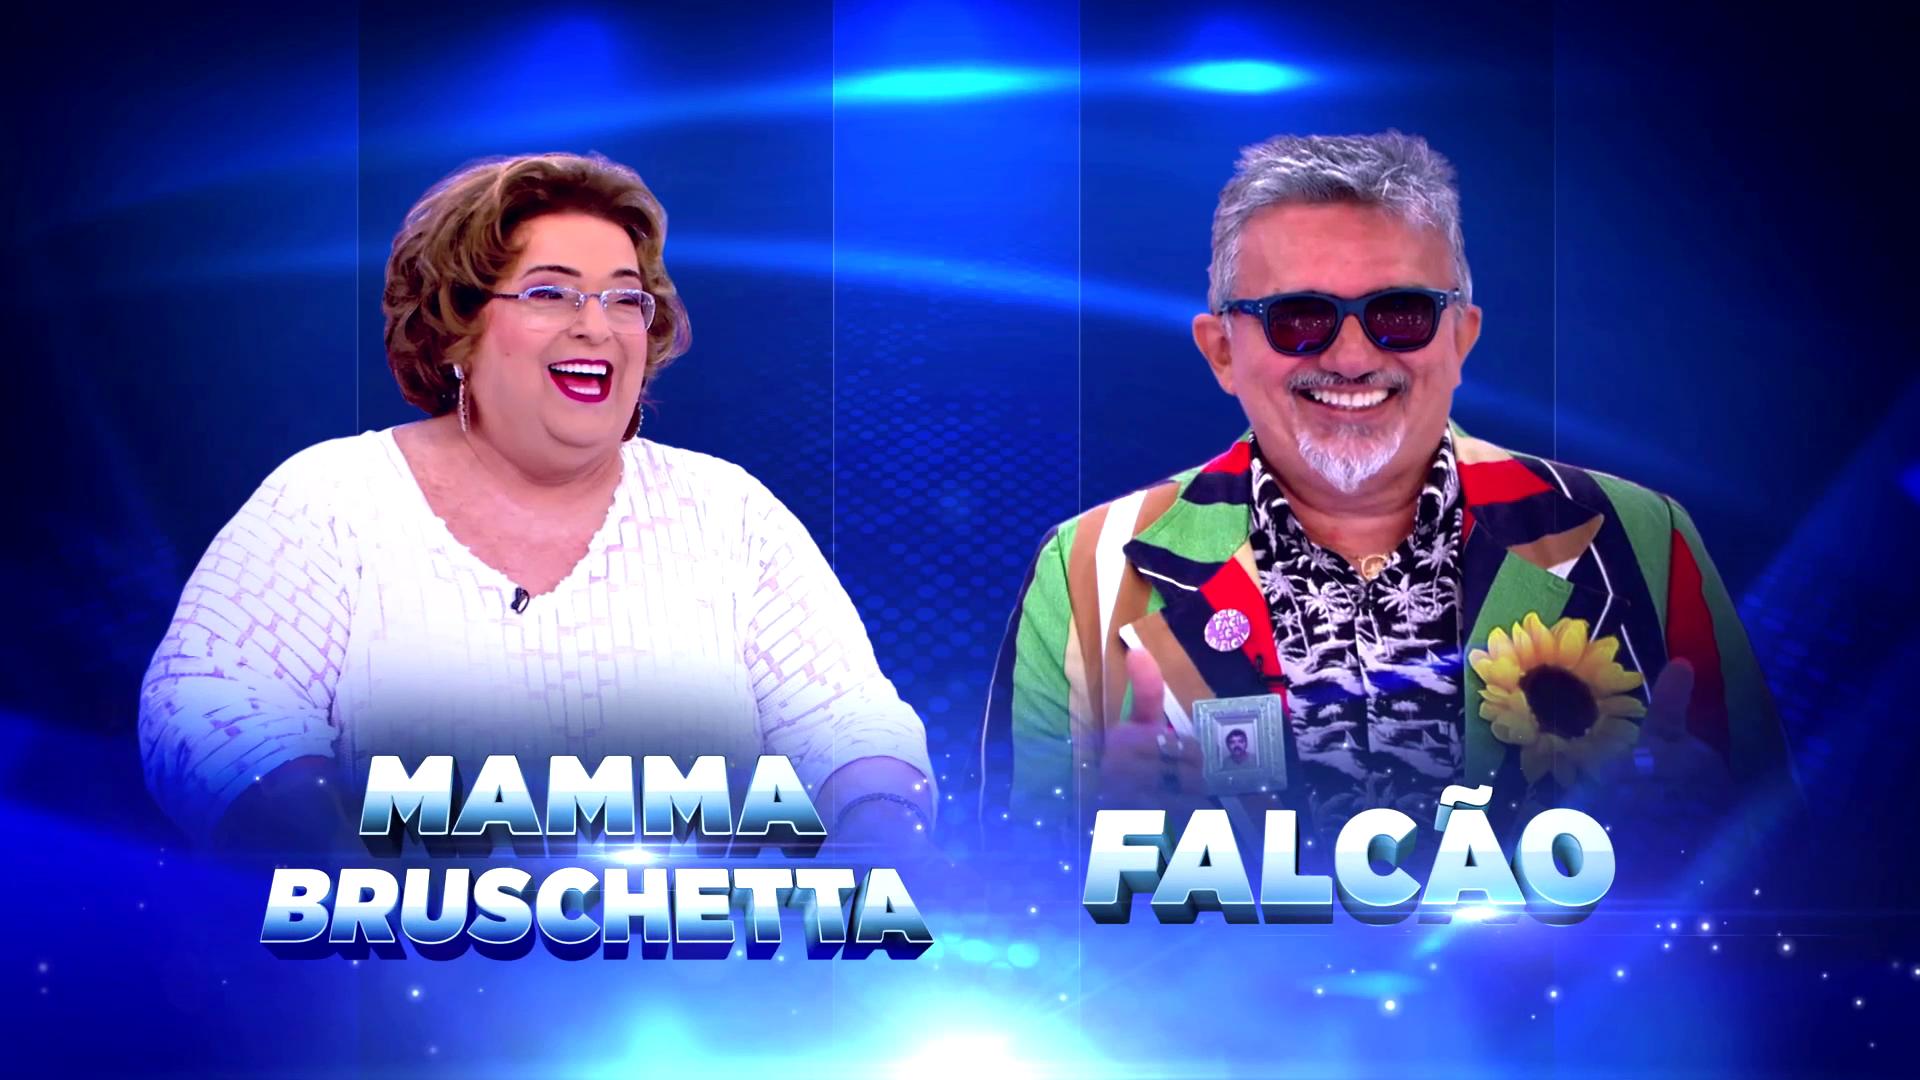 Mamma Bruschetta e Falcão no Jogo das 3 Pistas